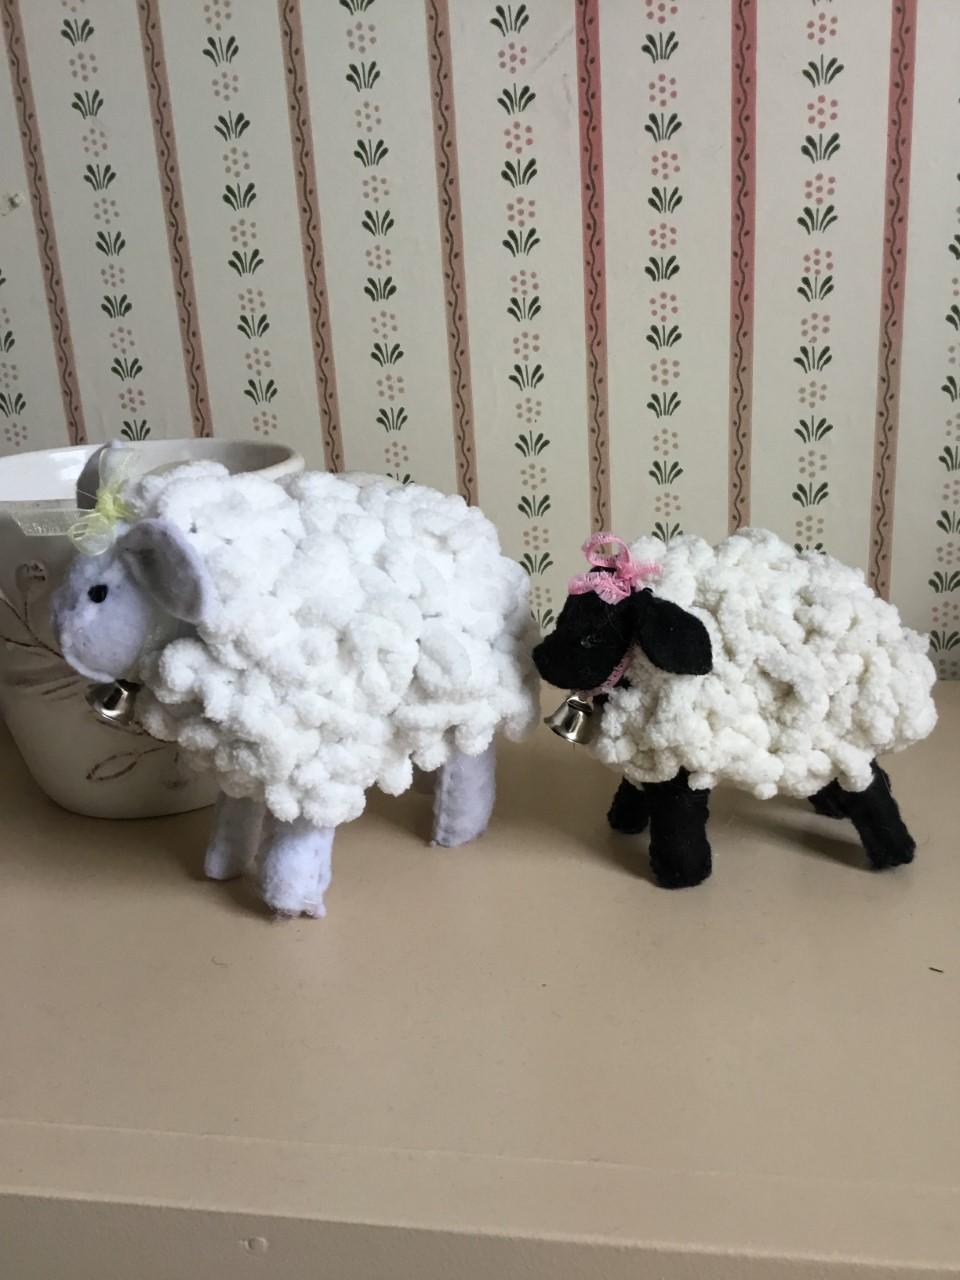 Make a Cute Woolly Stuffed sheep